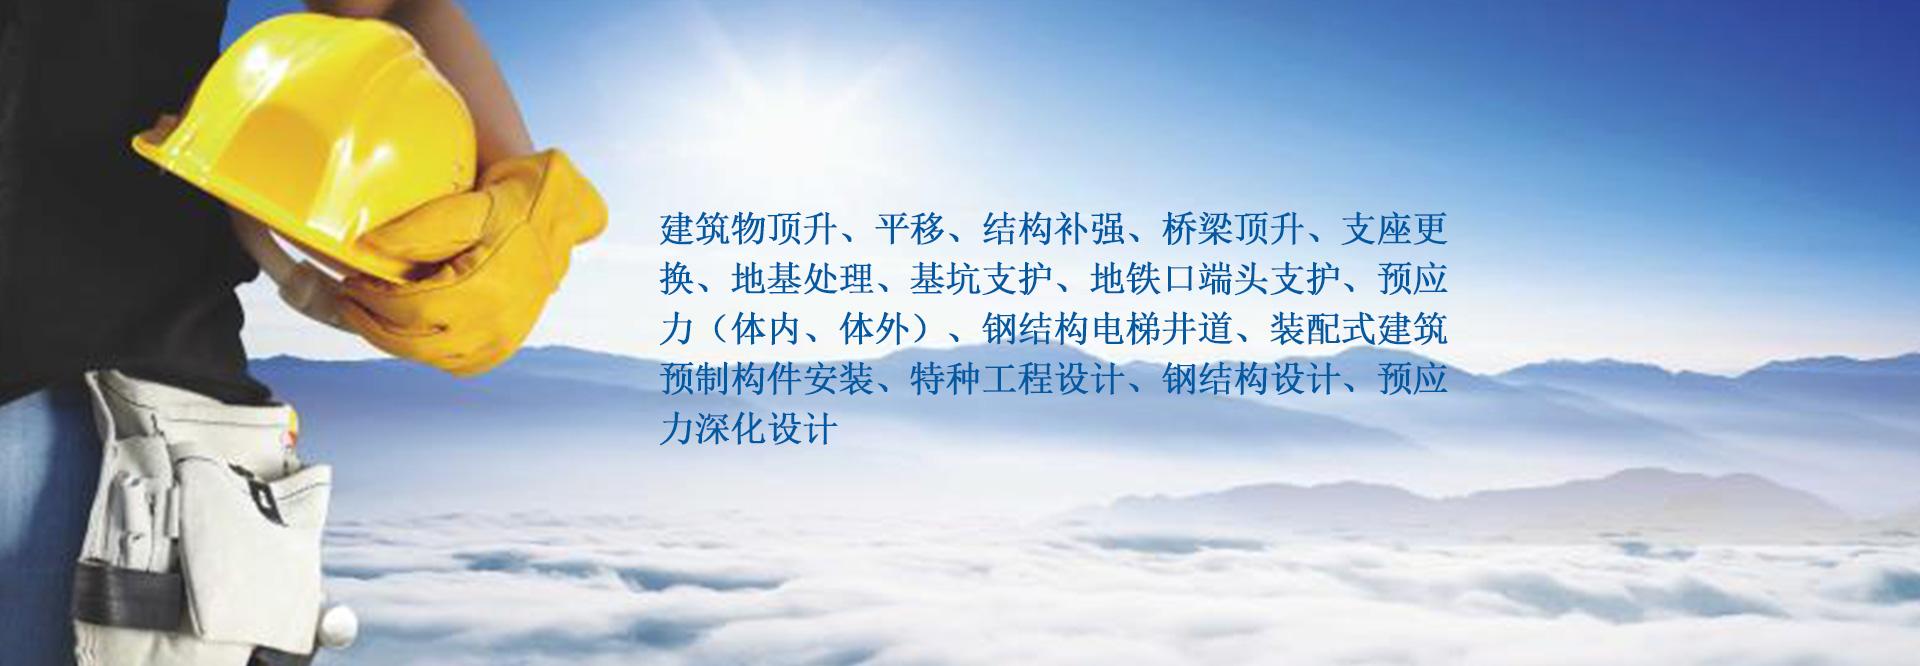 預應力公司,河南加固,鄭州加固